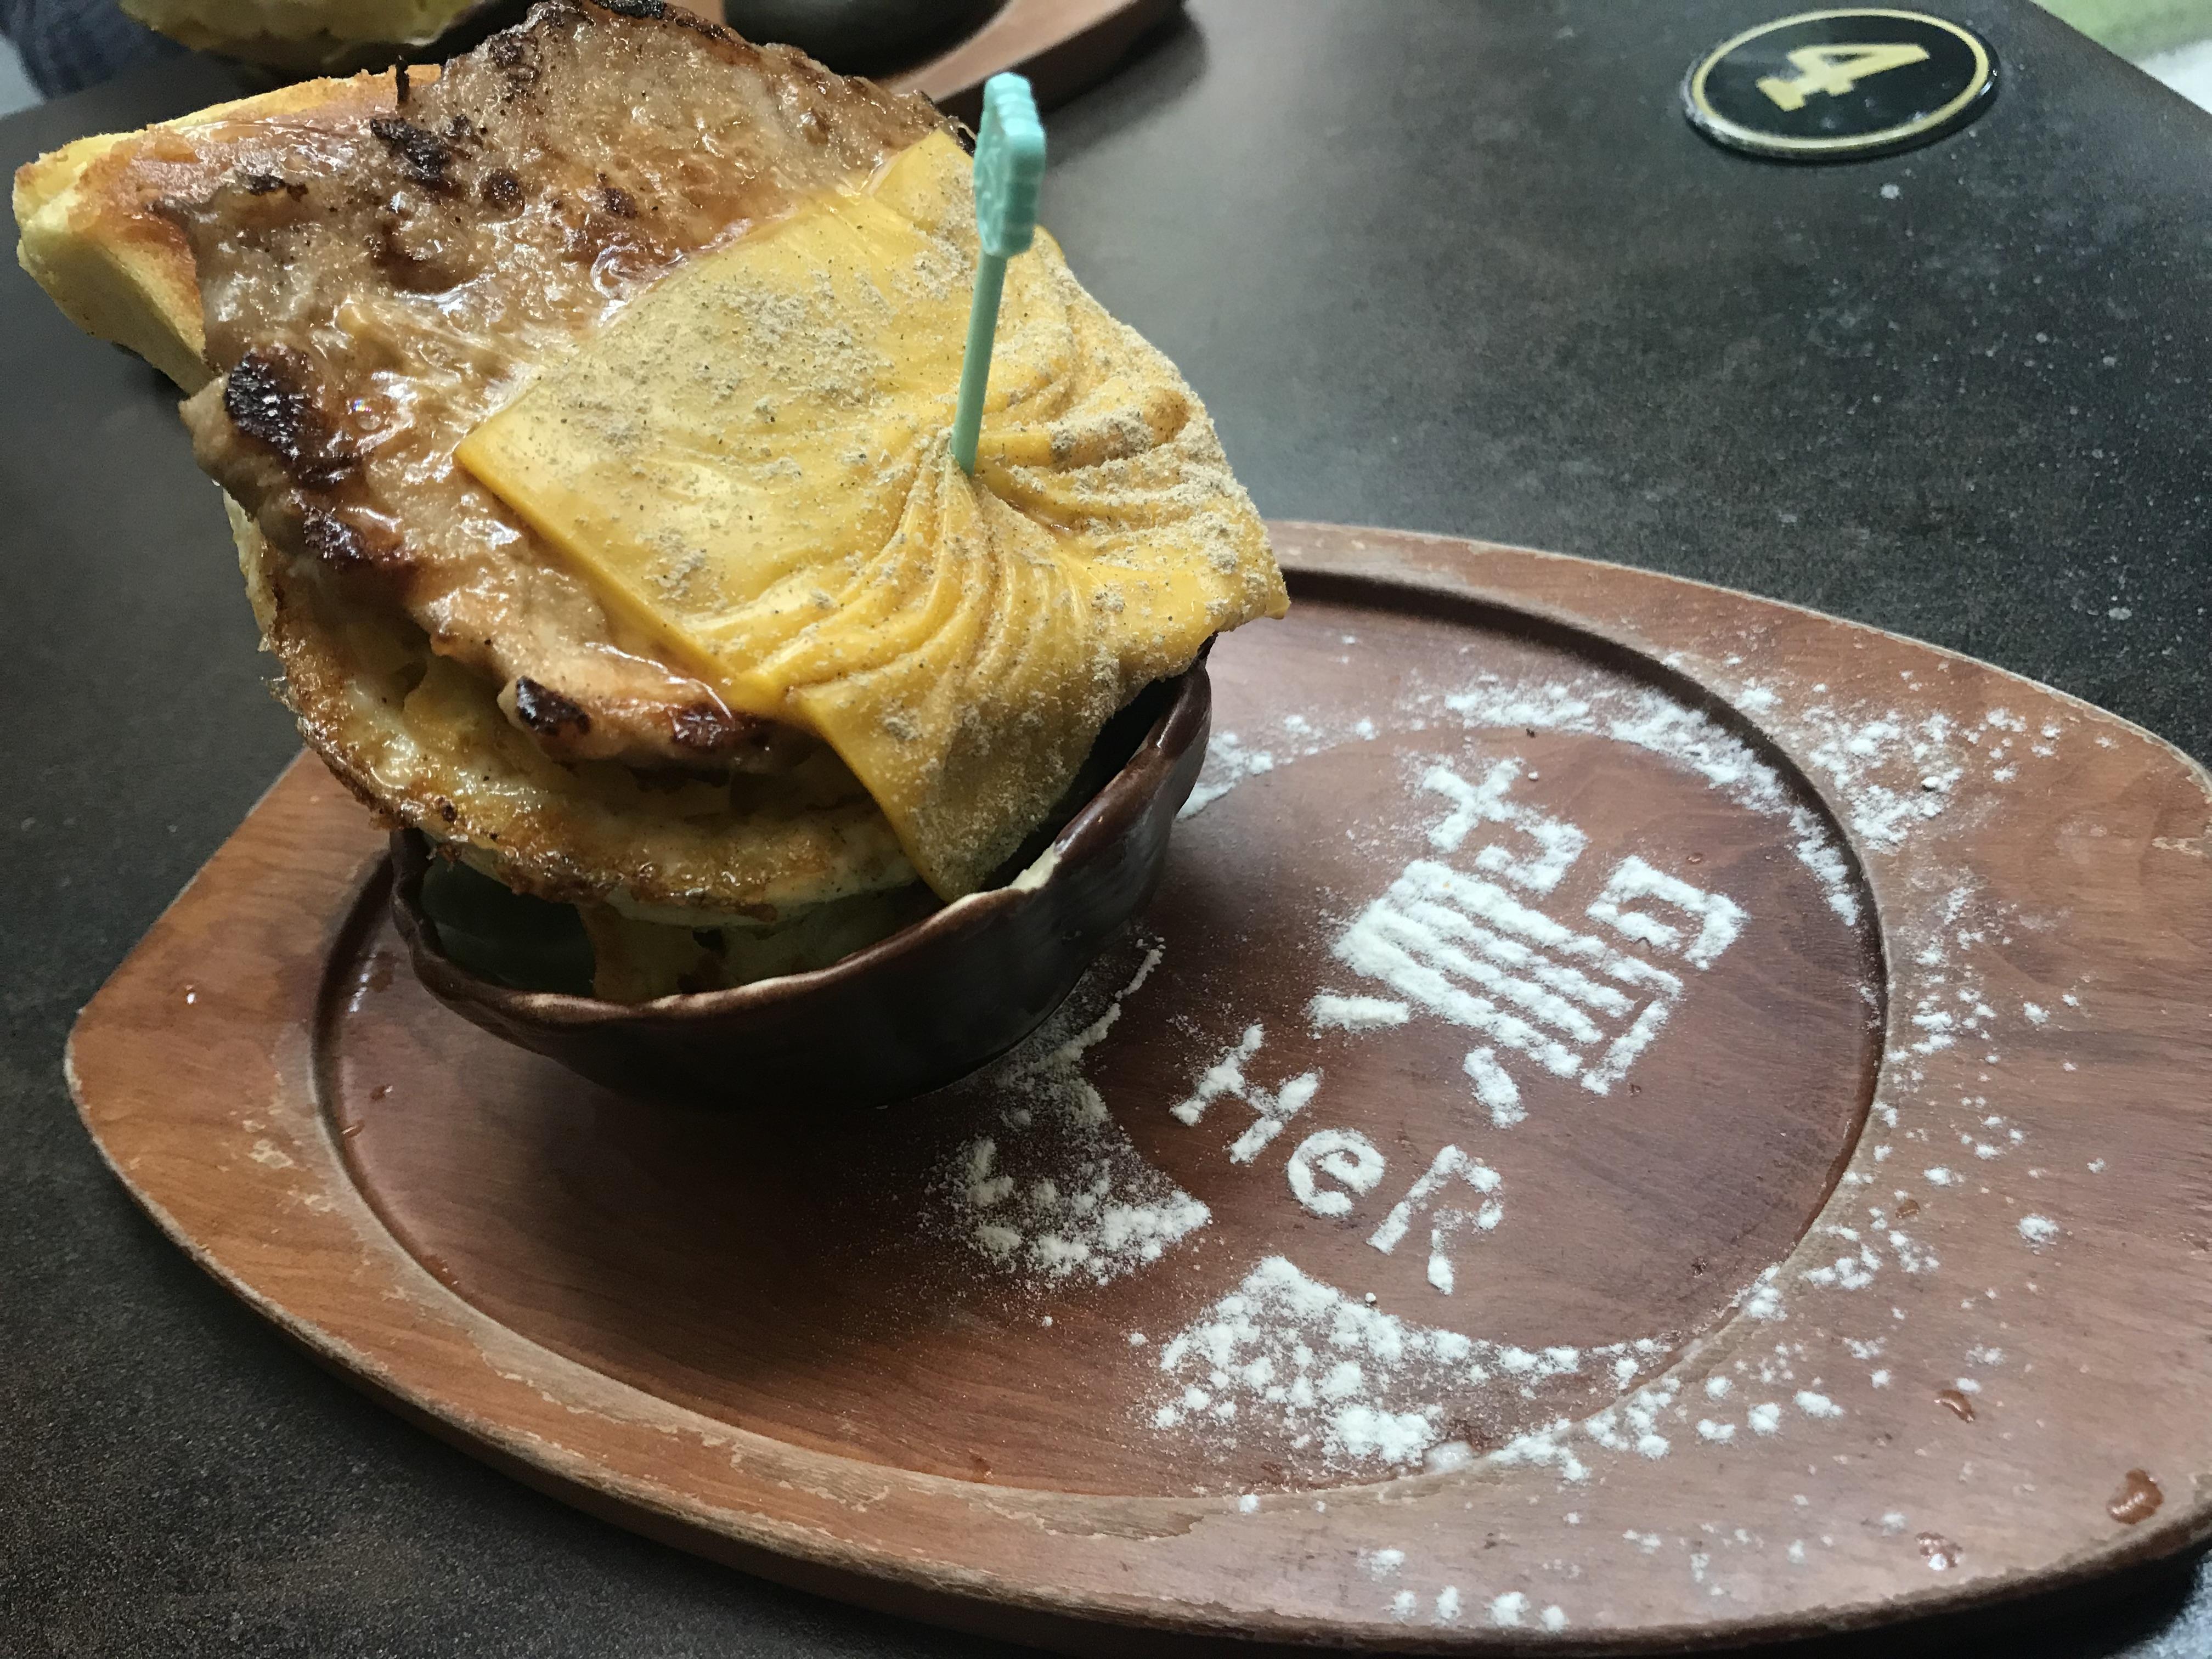 台灣奈良94這裏!奇幻「鹿境」萌翻天還有各種超美味早午餐